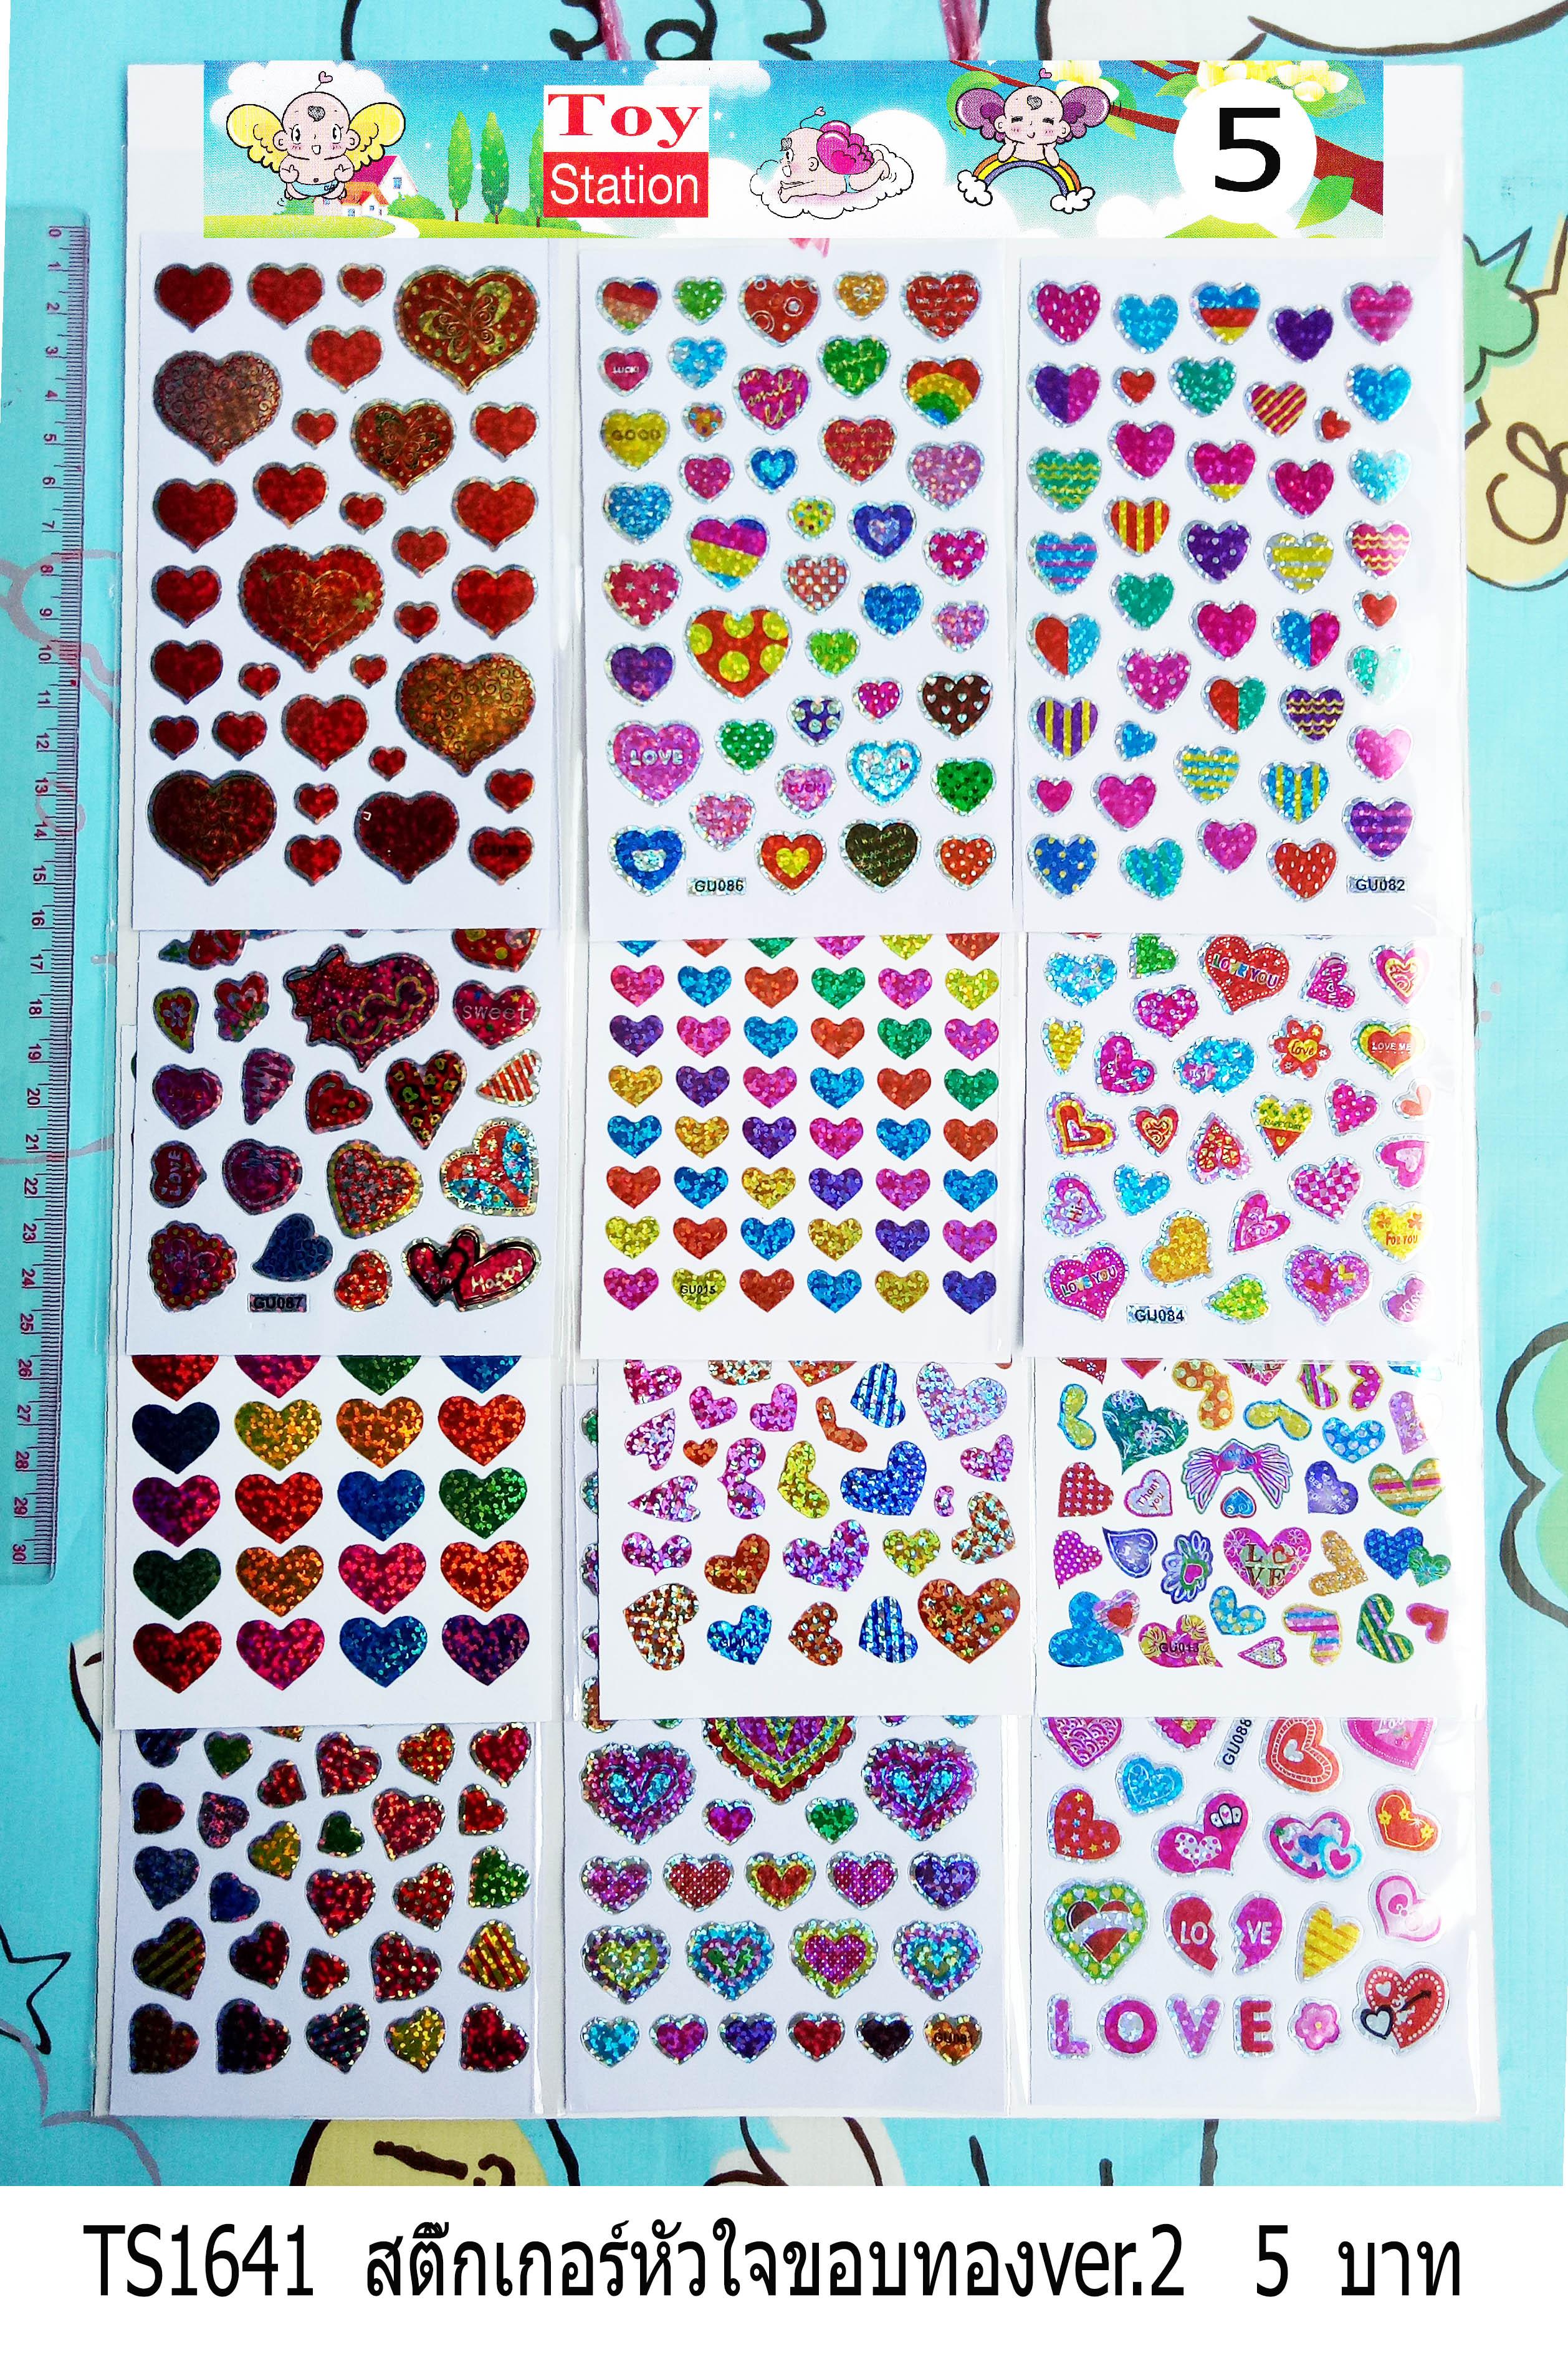 สติ๊กเกอร์ขอบทองหัวใจ Ver 2(ราคาสินค้าต่อแผง)